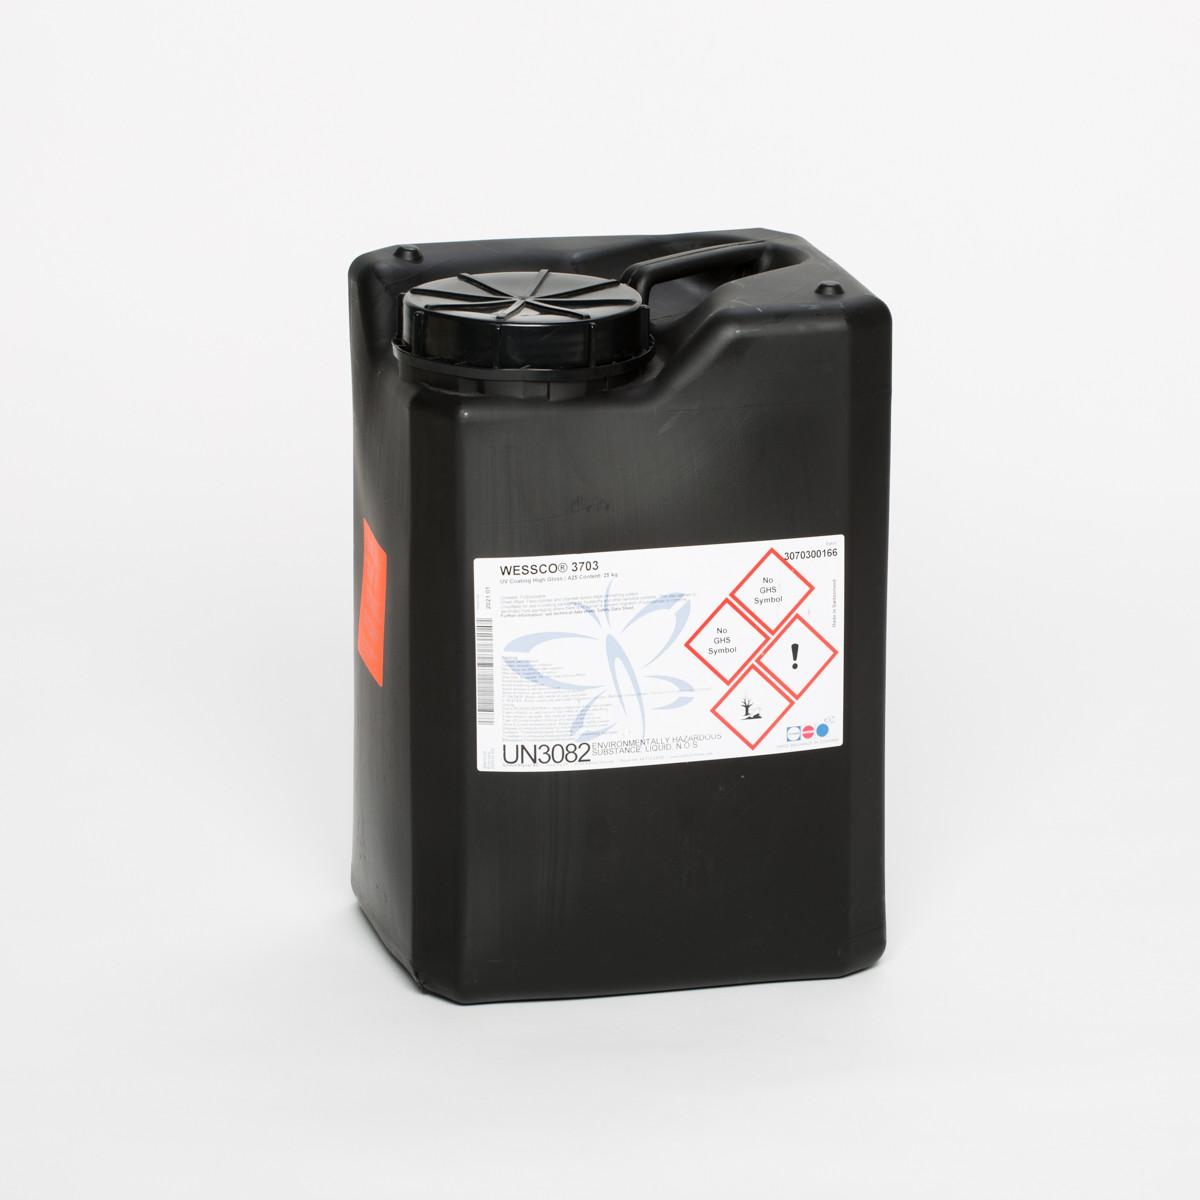 UV LAK Wessco 3703  1/25 kg